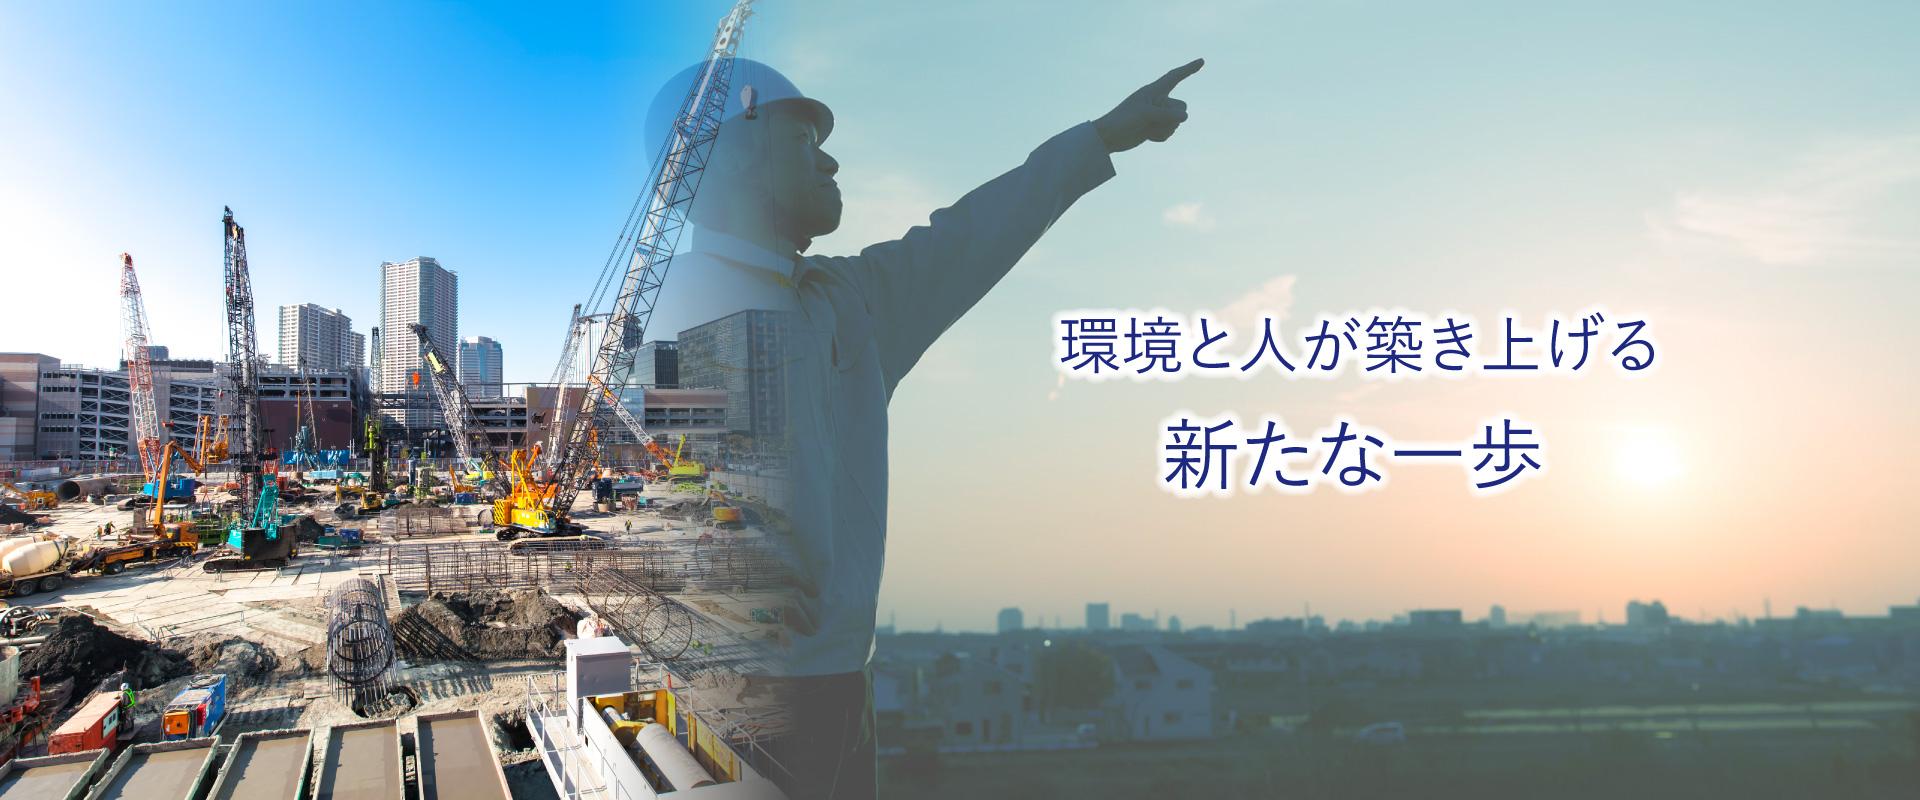 有限会社 光栄解体工業|解体は全ての工事の第一歩!!任せて安心スピード施工